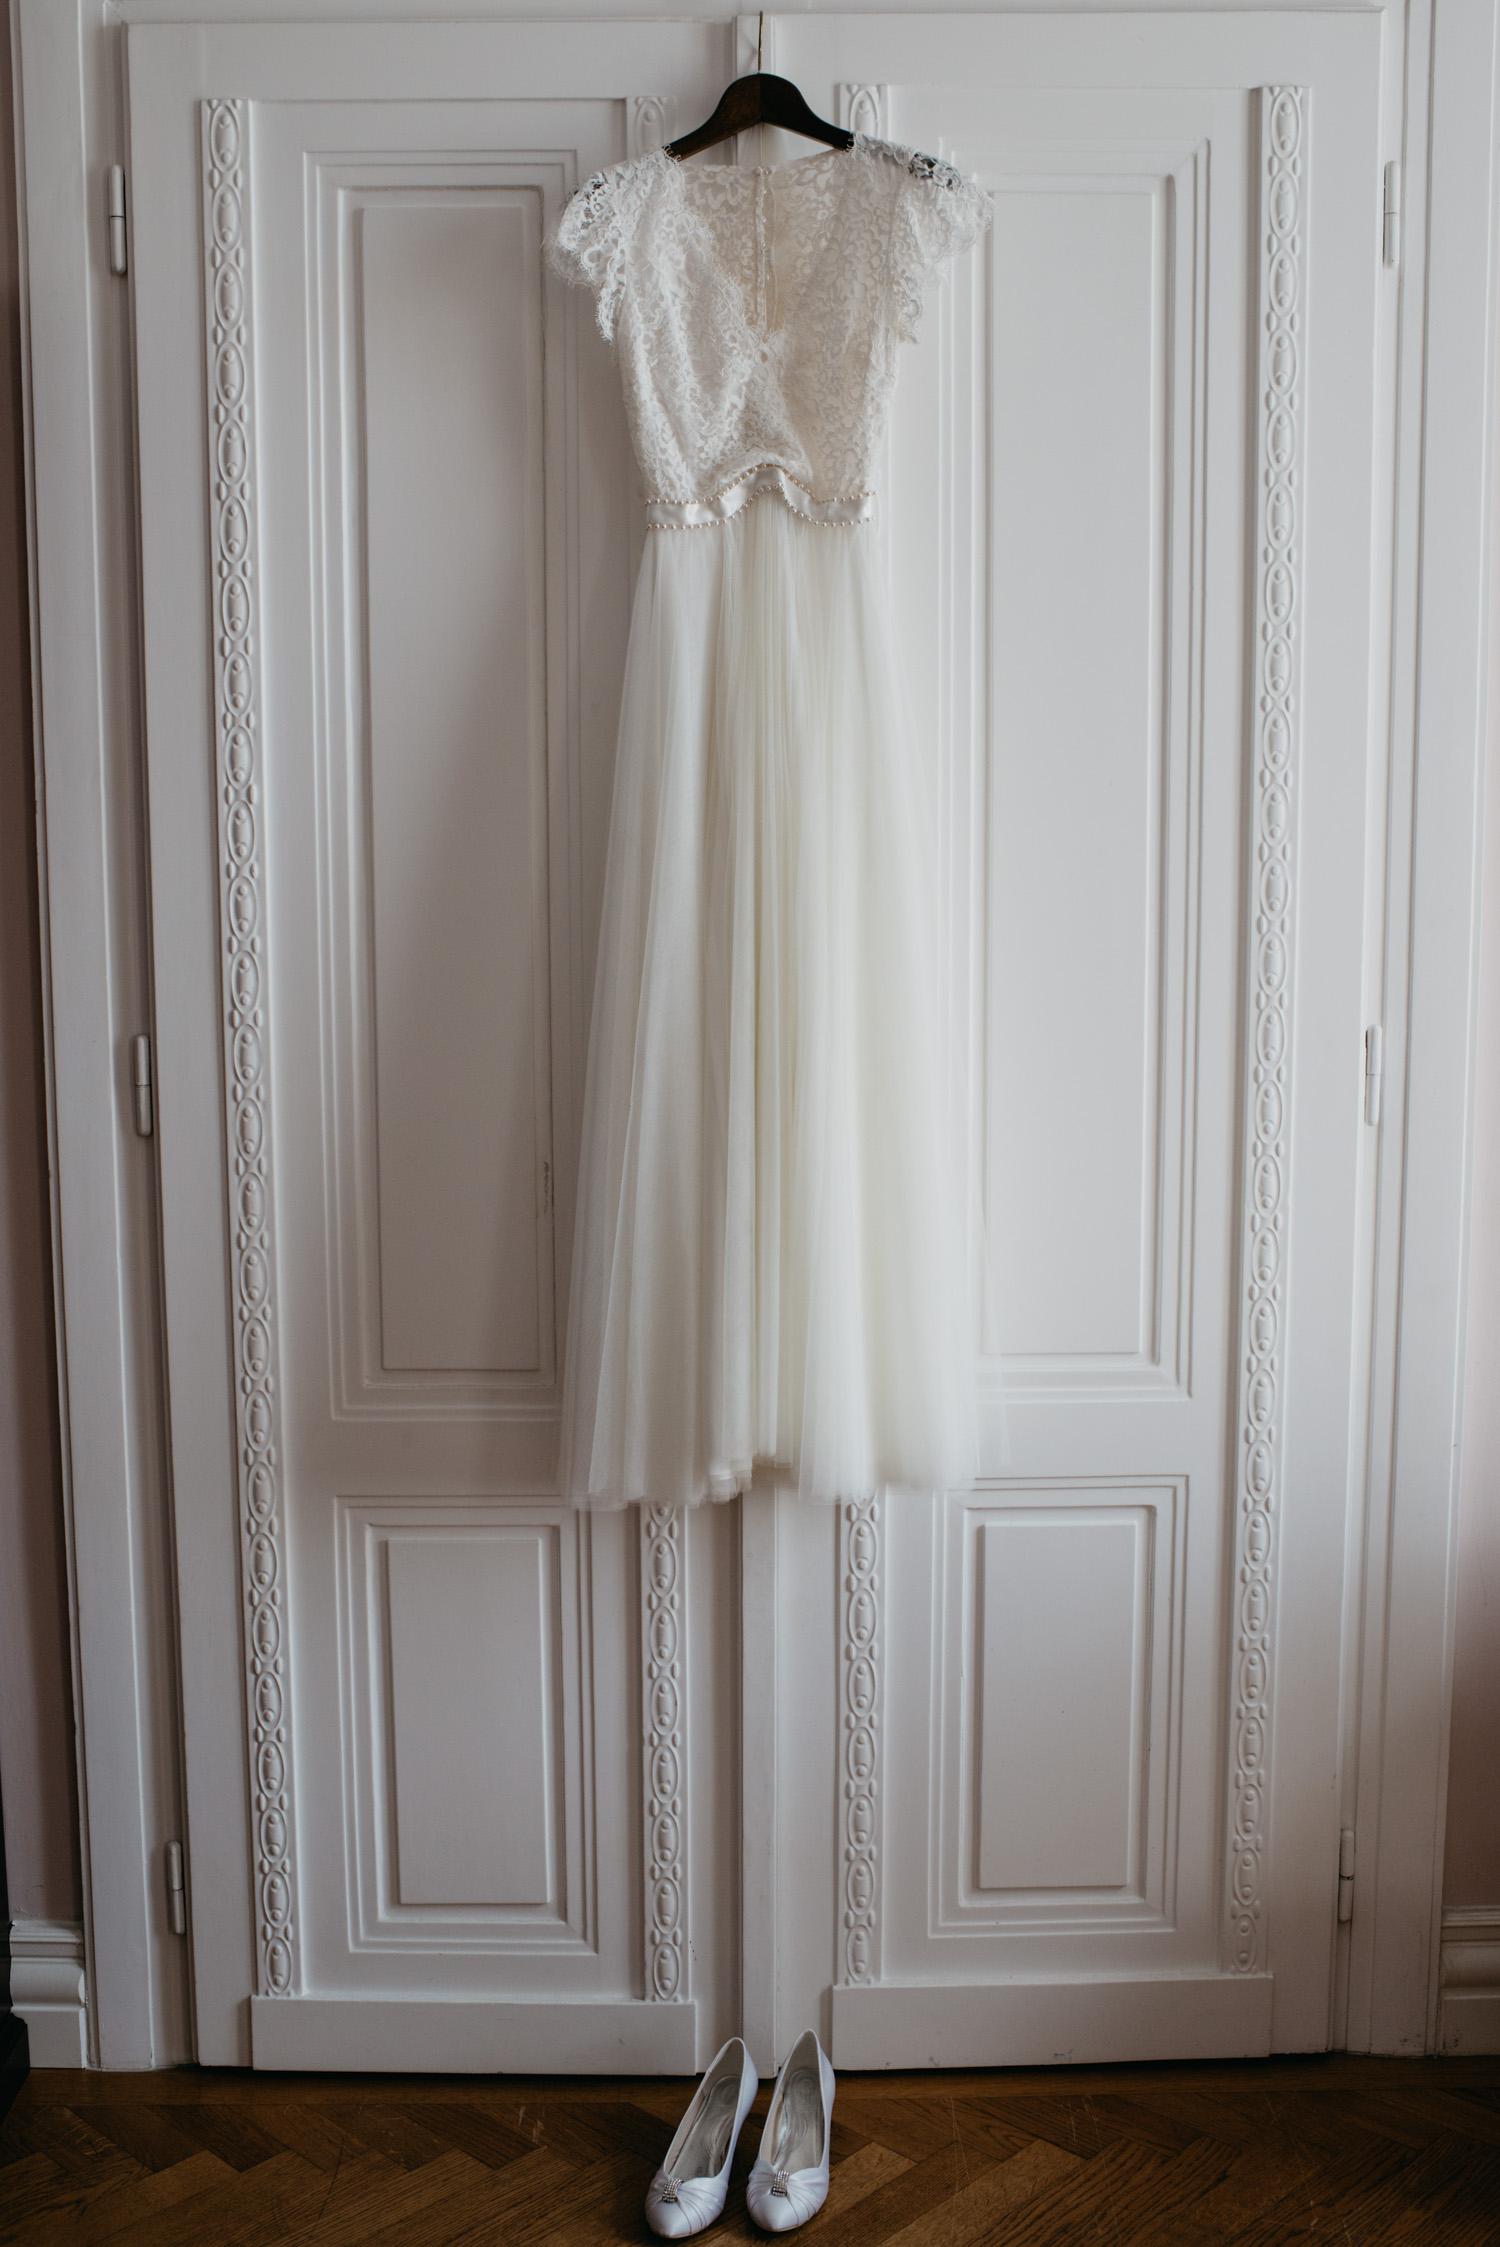 solya-mike-hochzeitsfotografin-hochzeitsfotografen-wien-hermesvilla-wedding-photographer-vienna-austria-46 Hochzeitstipps Teil 1 - Das Getting Ready